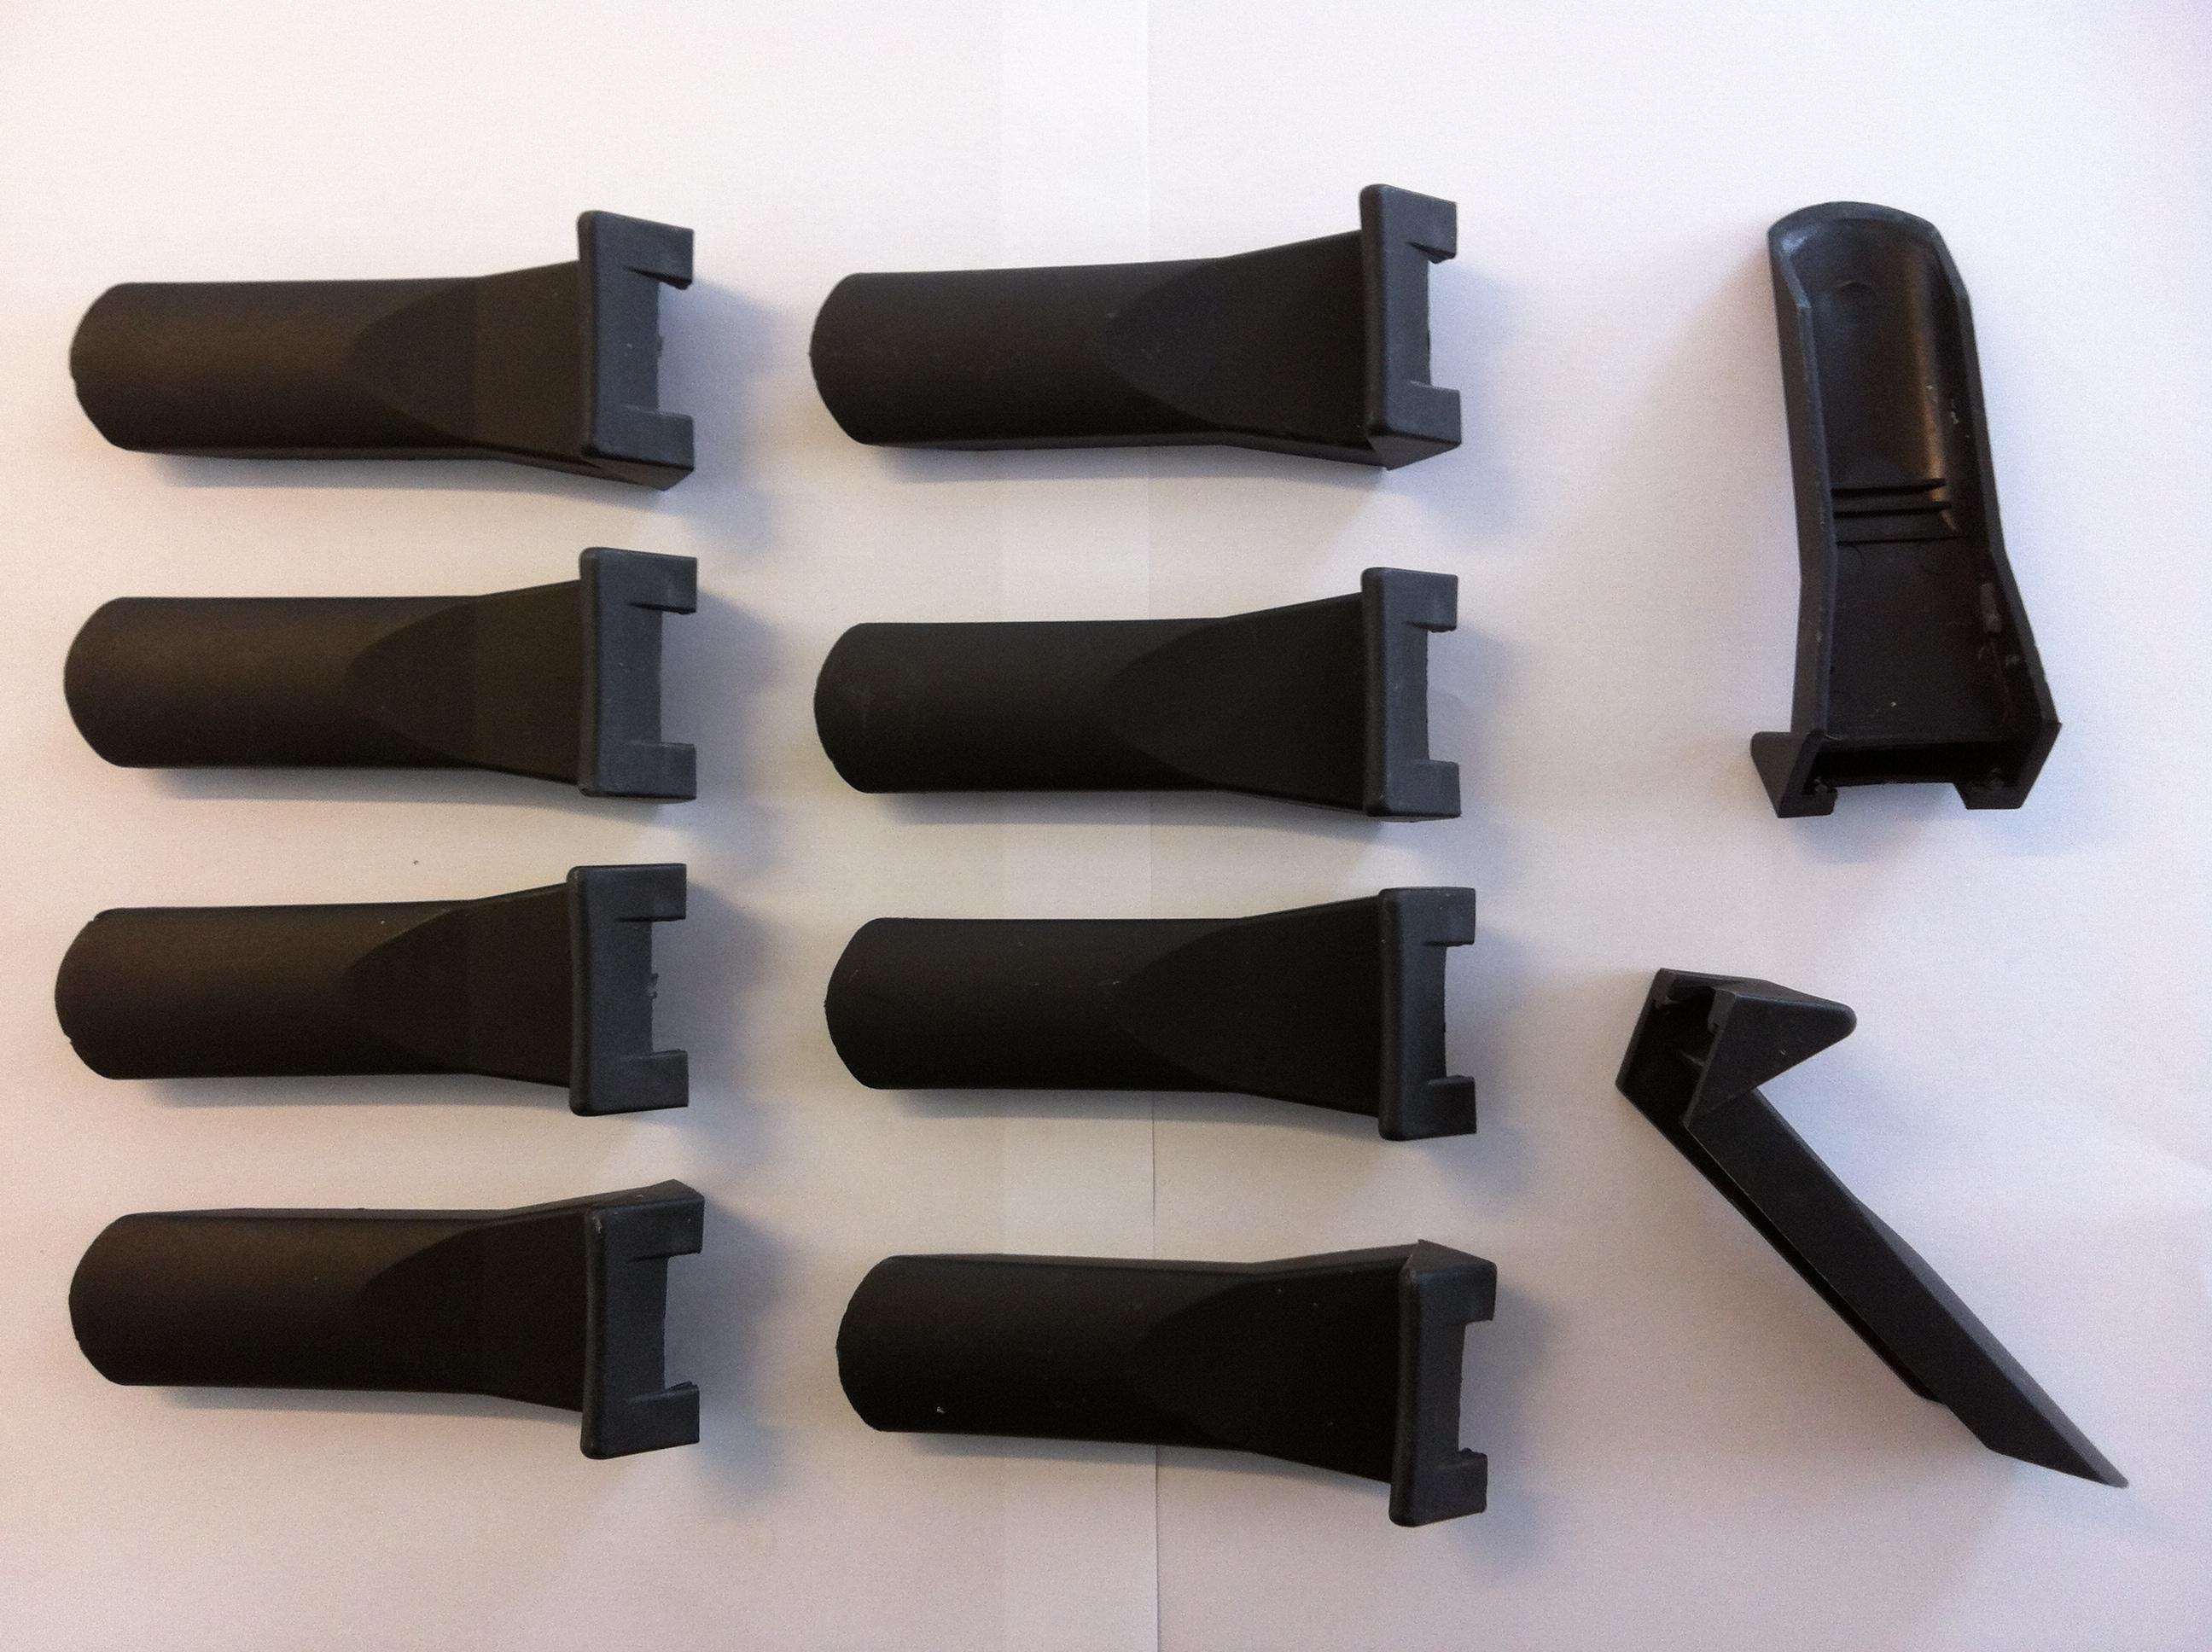 kunststoffschutzbacken felgenschoner 10er set f r reifenmontierger t ebay. Black Bedroom Furniture Sets. Home Design Ideas